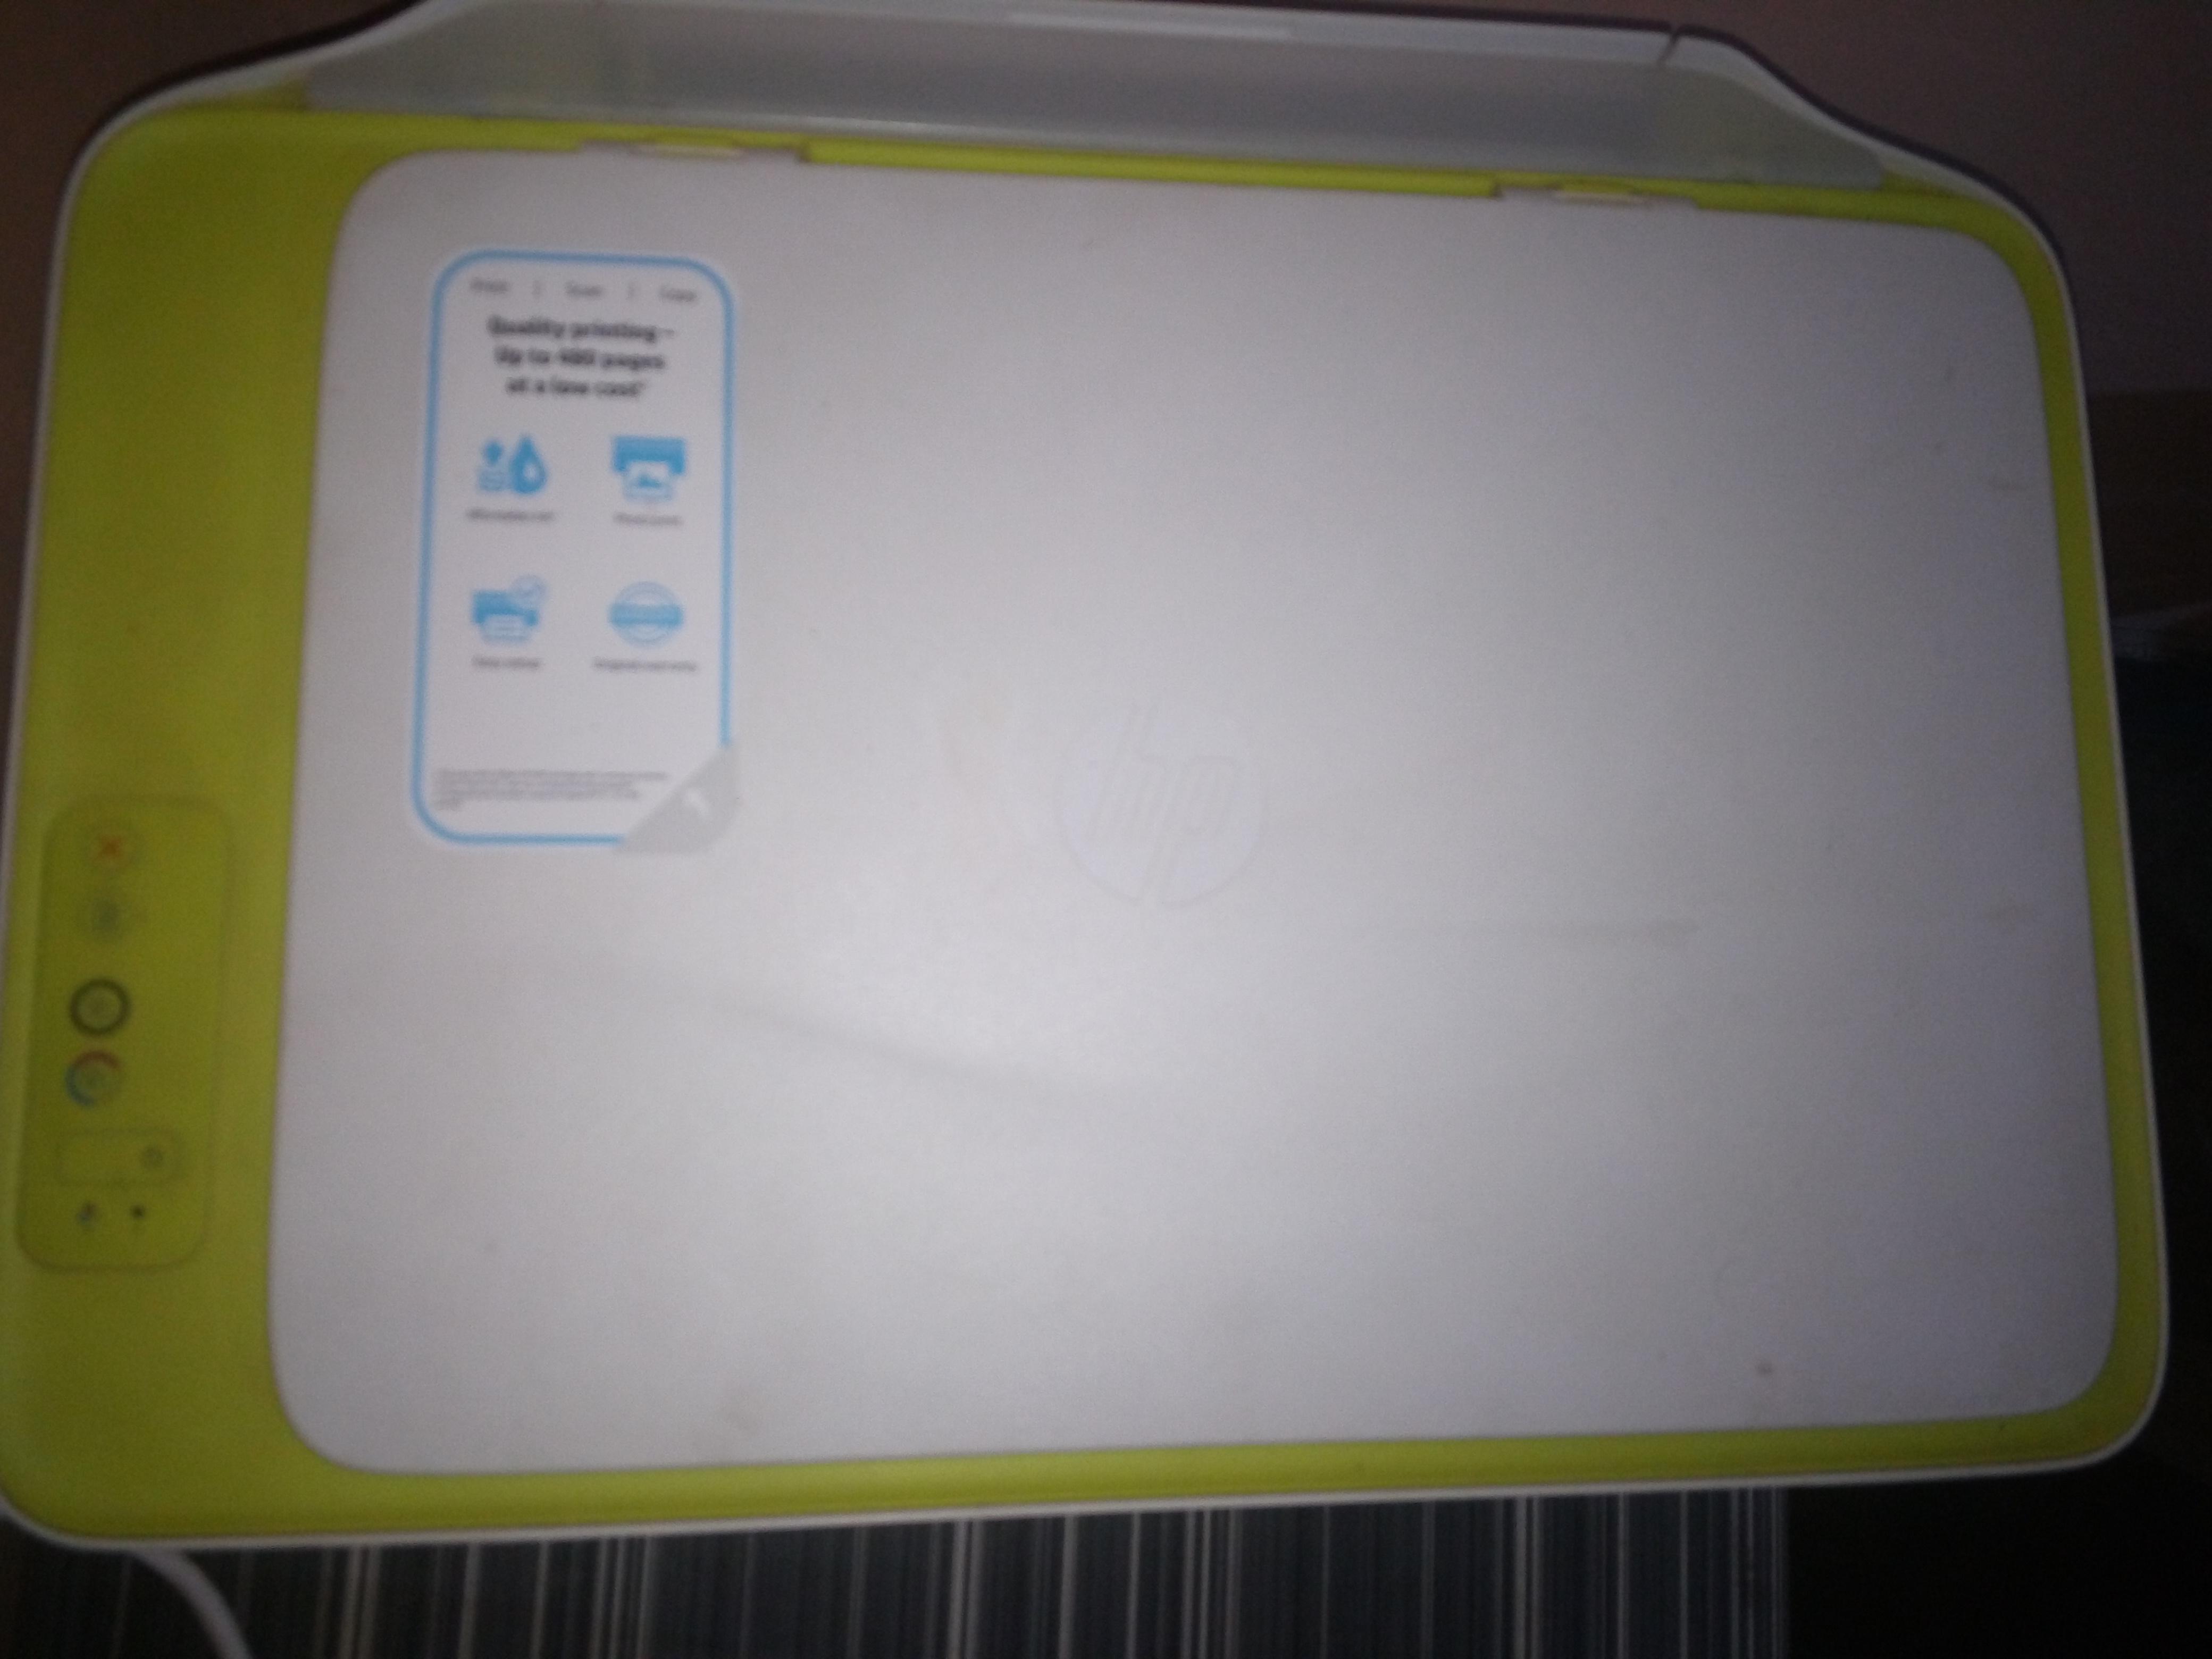 hp deskjet ink advantage 2135 all-in-one printer setup download